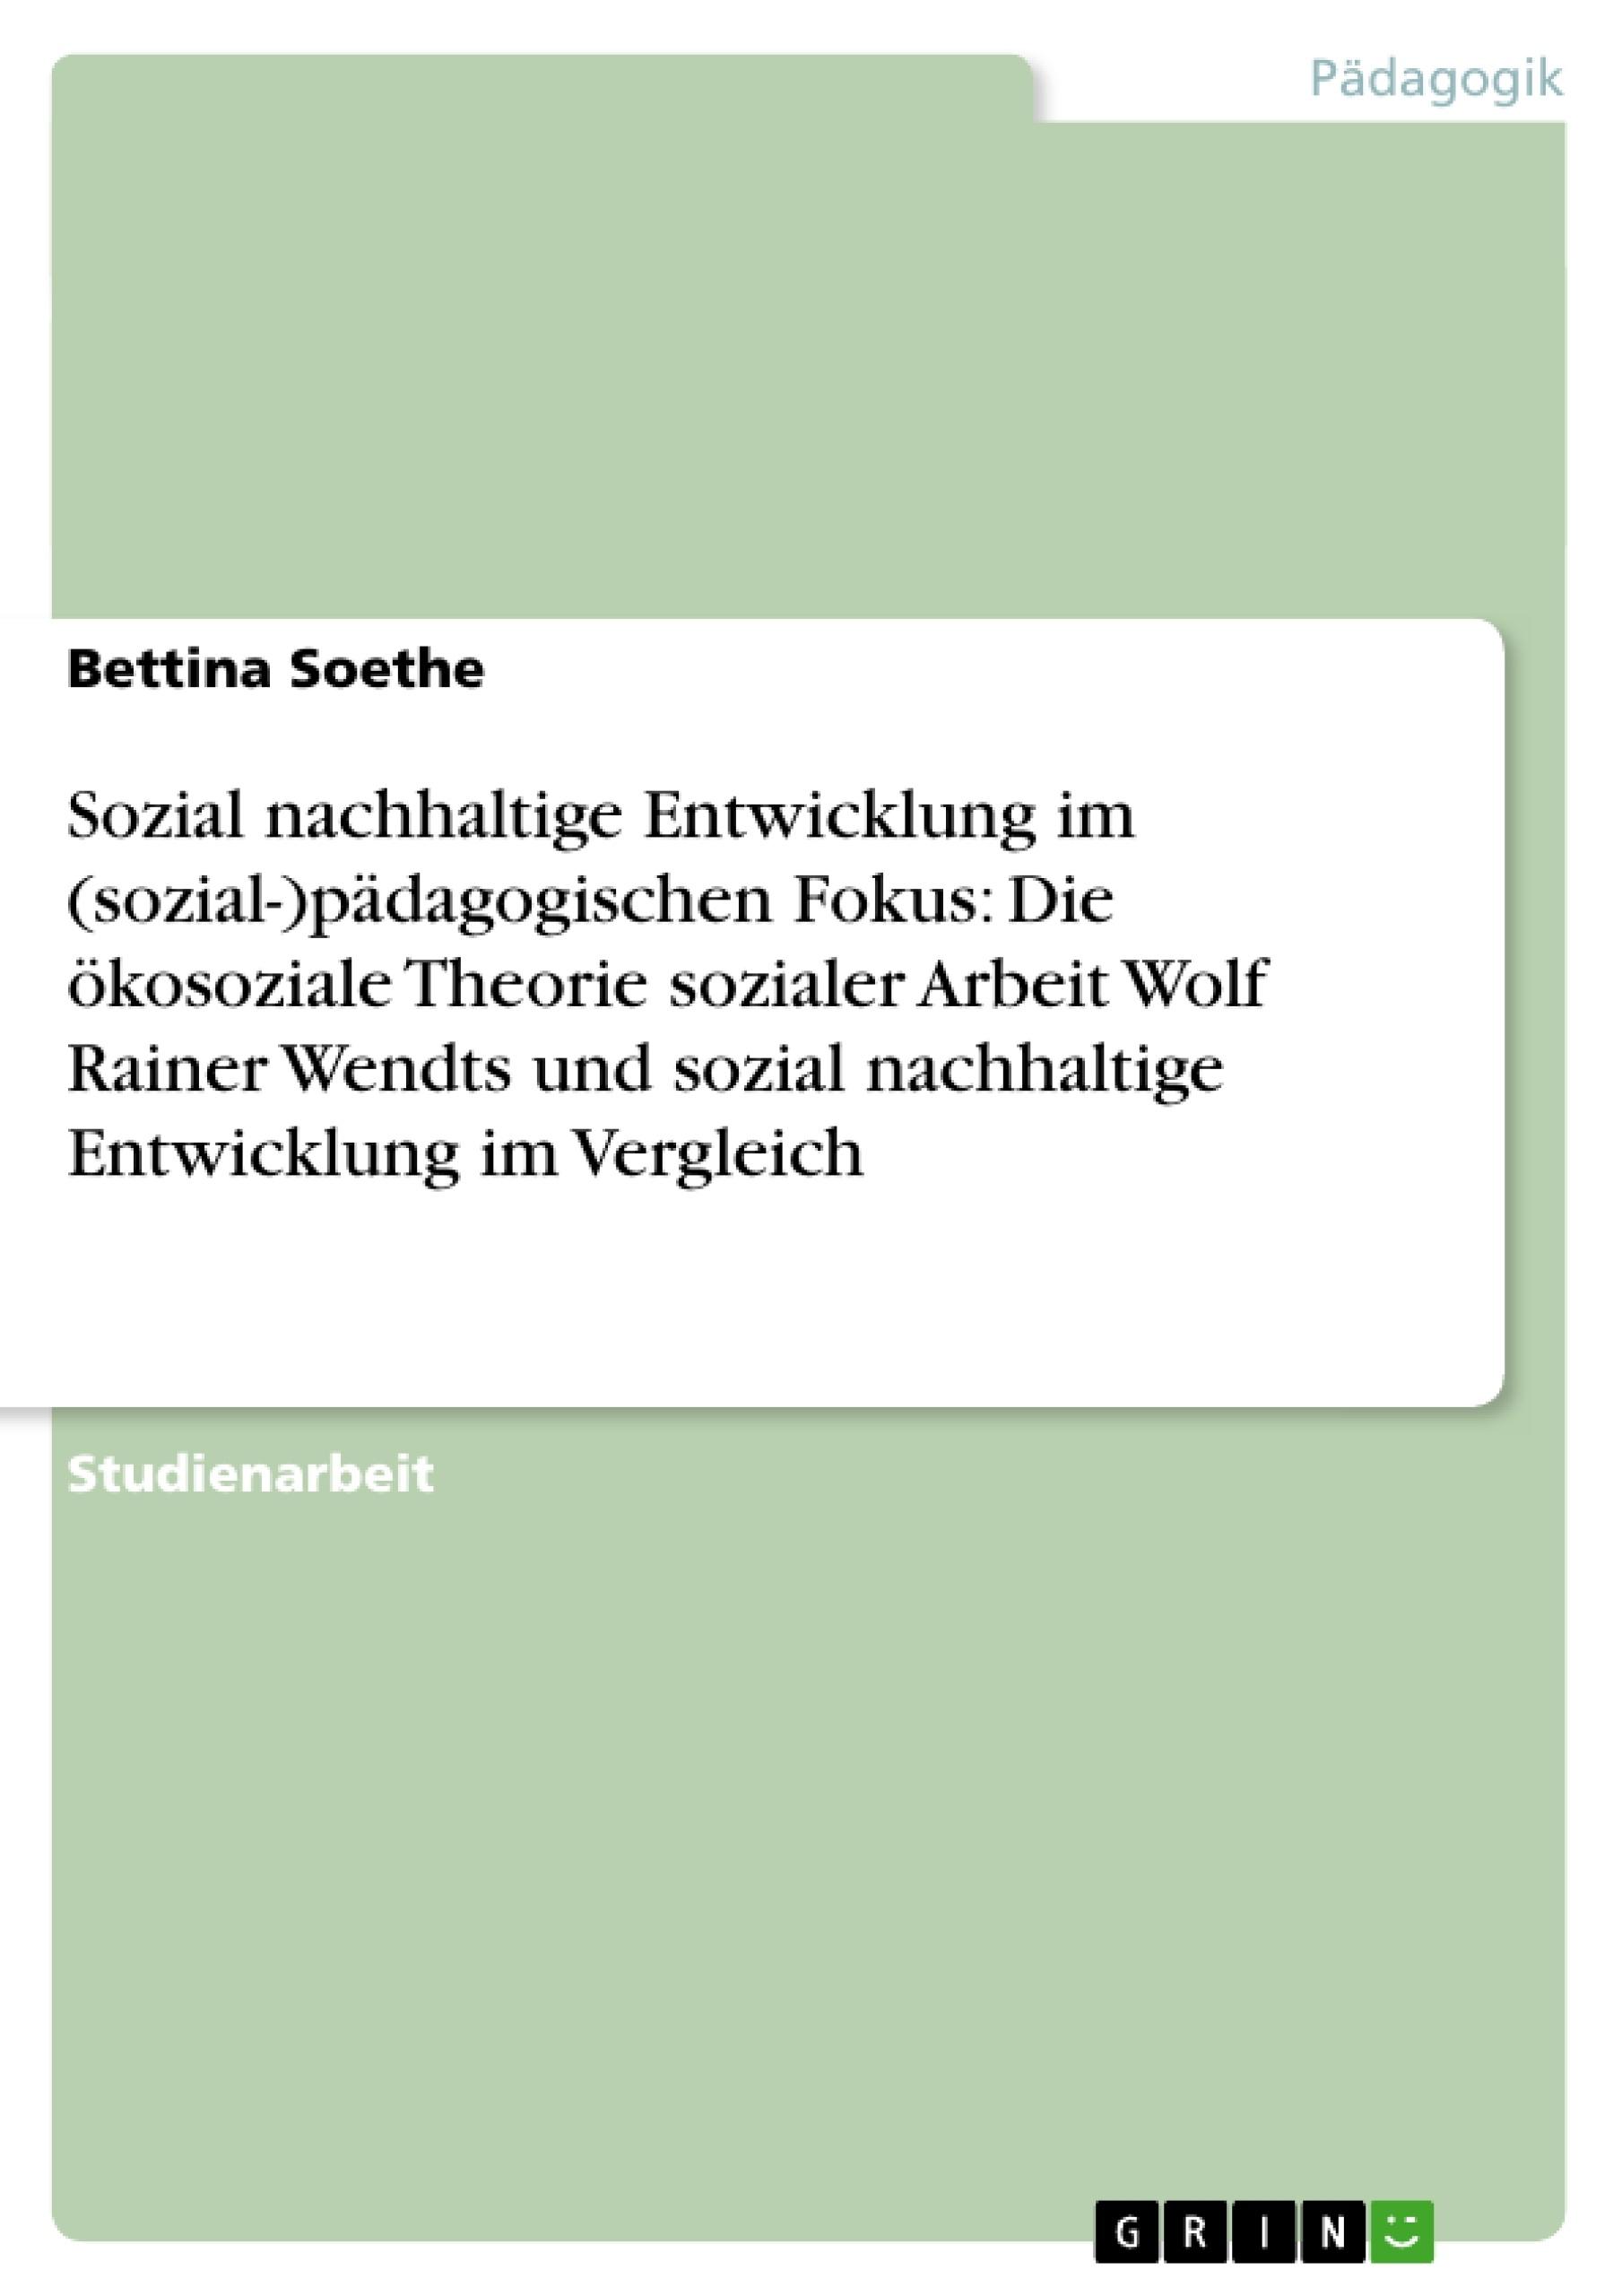 Titel: Sozial nachhaltige Entwicklung im (sozial-)pädagogischen Fokus: Die ökosoziale Theorie sozialer Arbeit Wolf Rainer Wendts und sozial nachhaltige Entwicklung im Vergleich